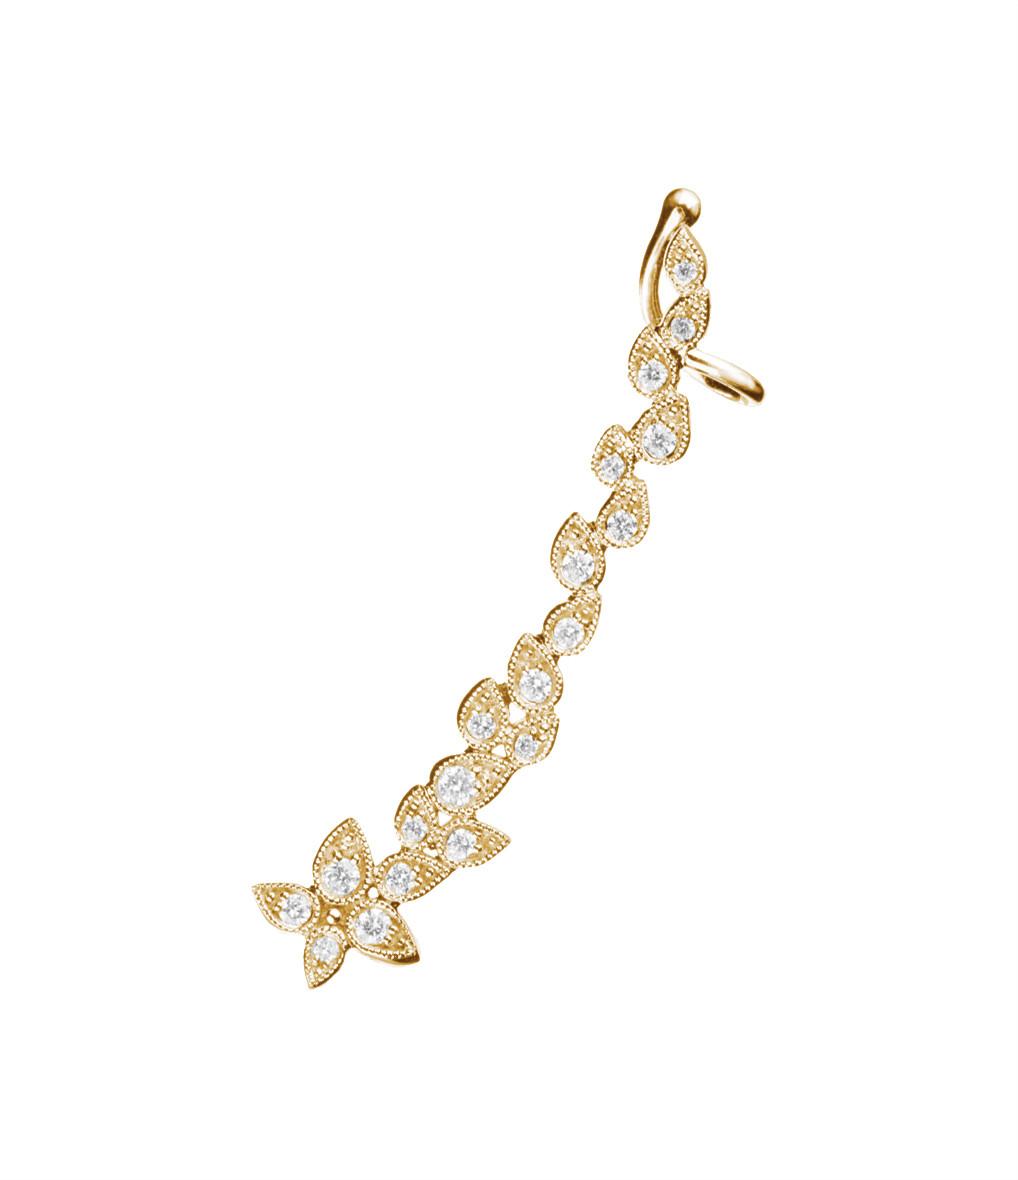 Boucle d'or. Whisper Gauche (unité) - Stone||Or jaune